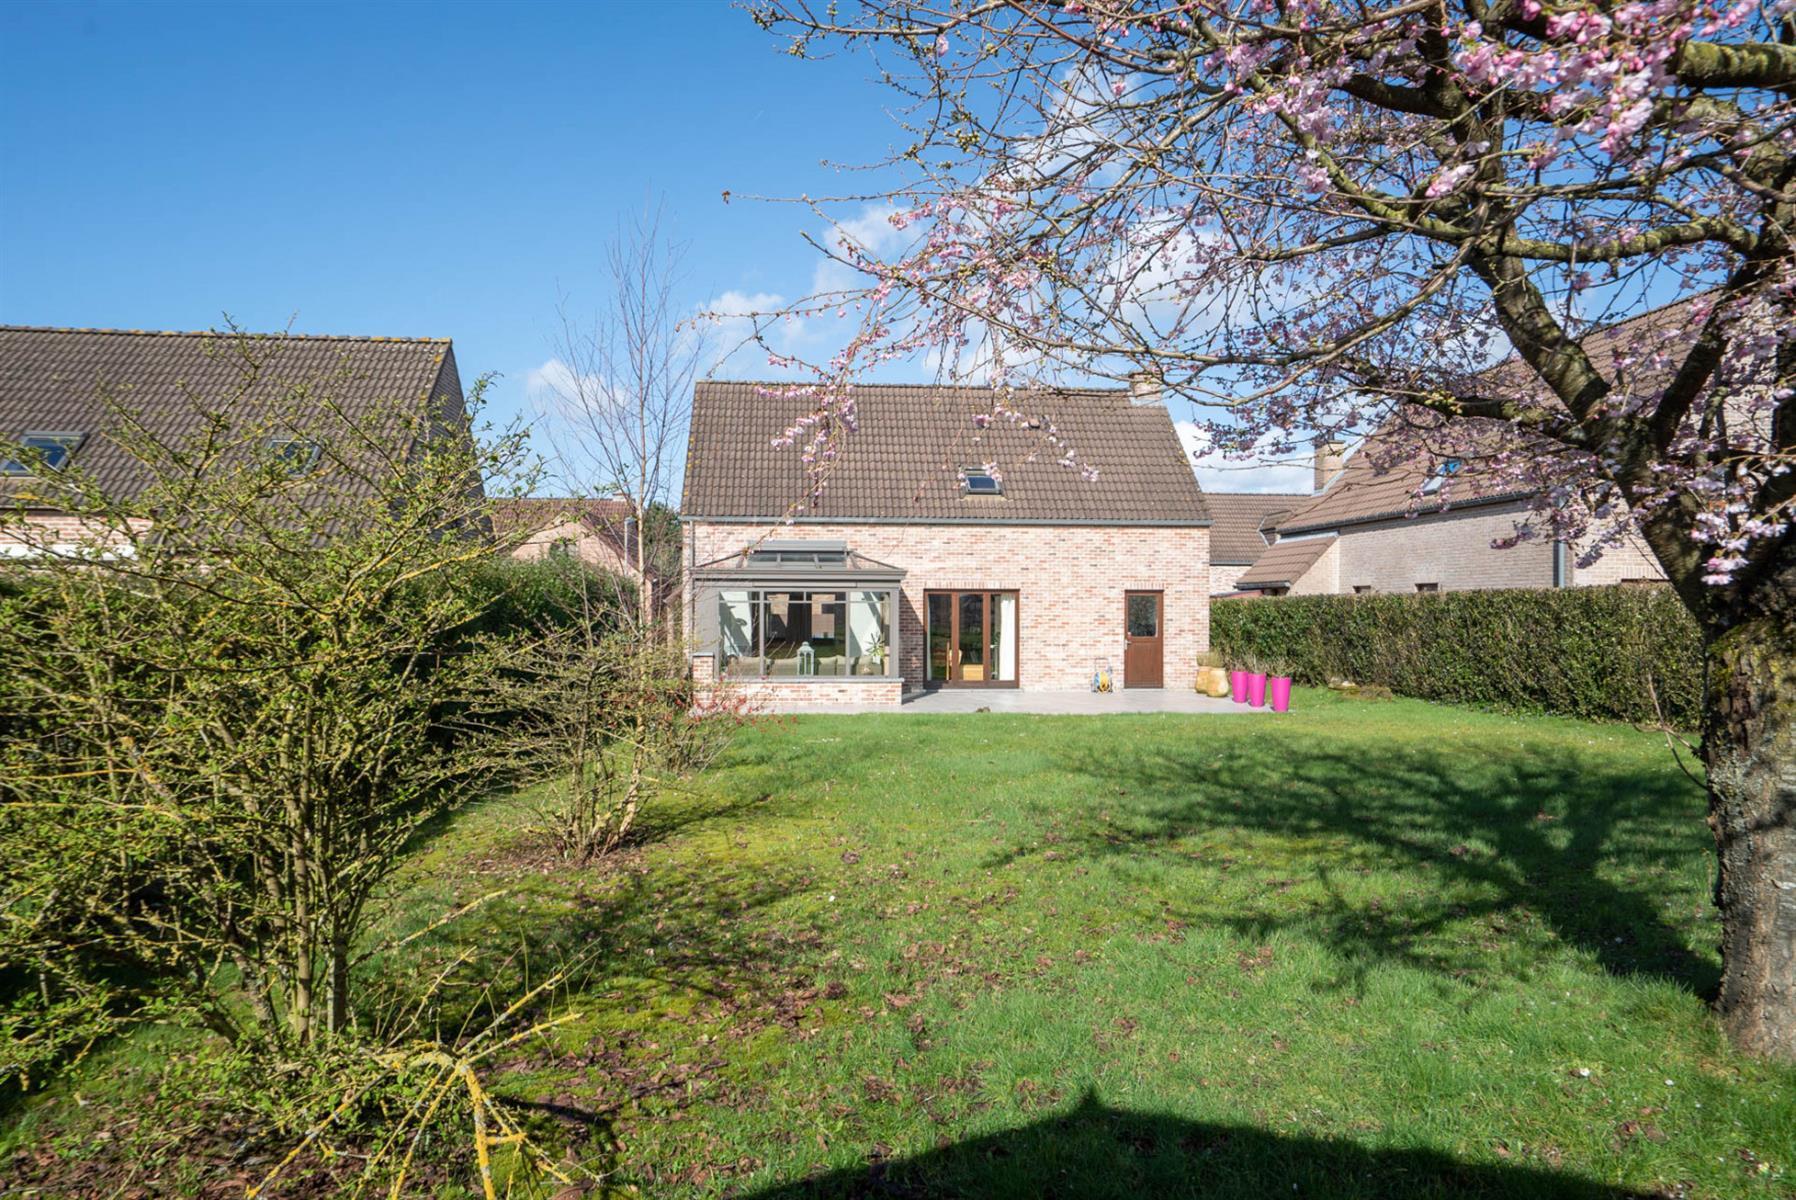 Villa - Chaumont-Gistoux - #4006823-0